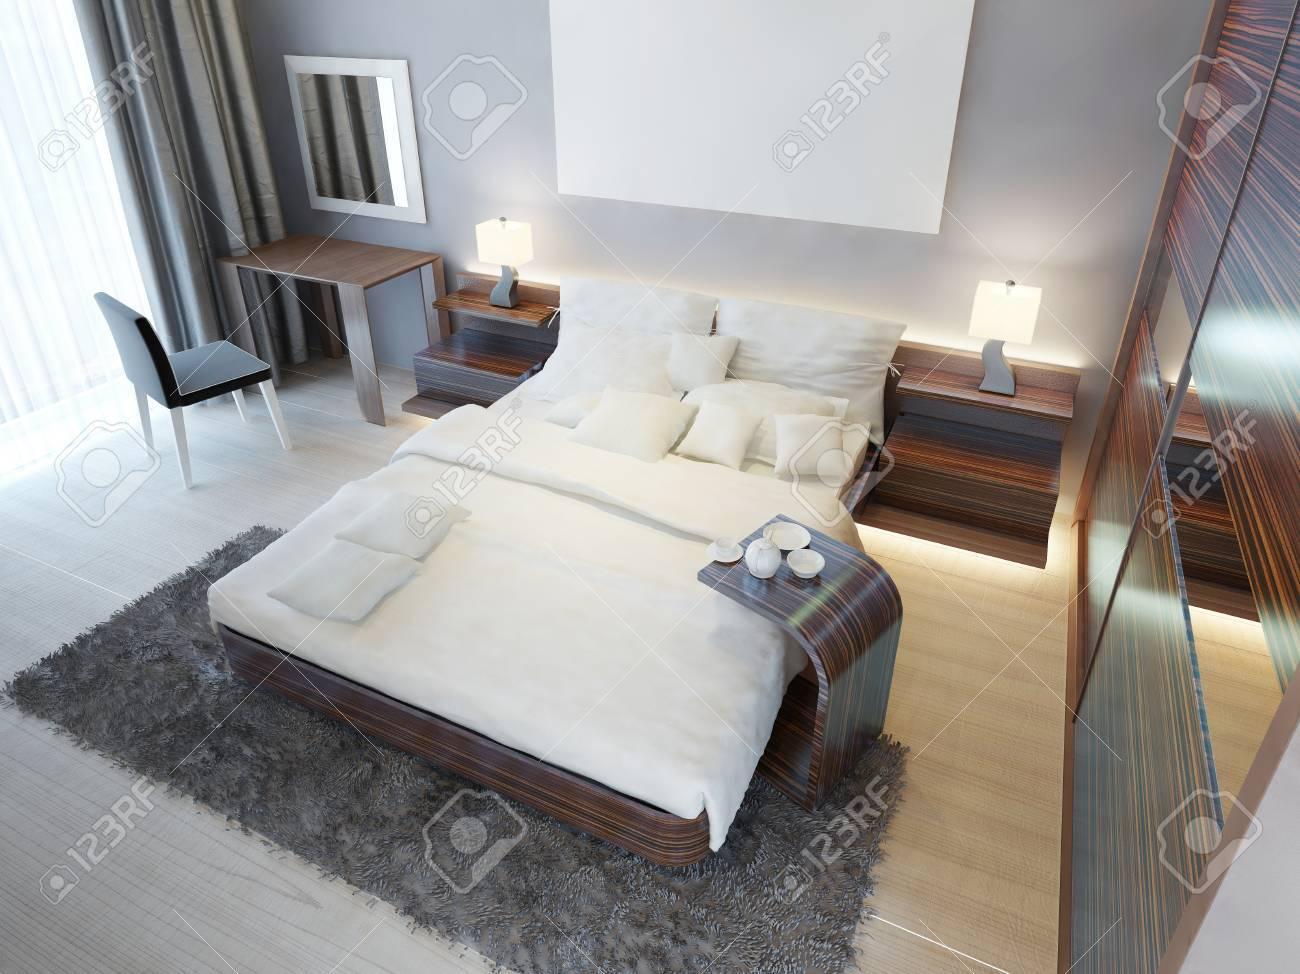 Komfortable Zimmer Im Zeitgenössischen Stil Mit Braunen Möbel ...